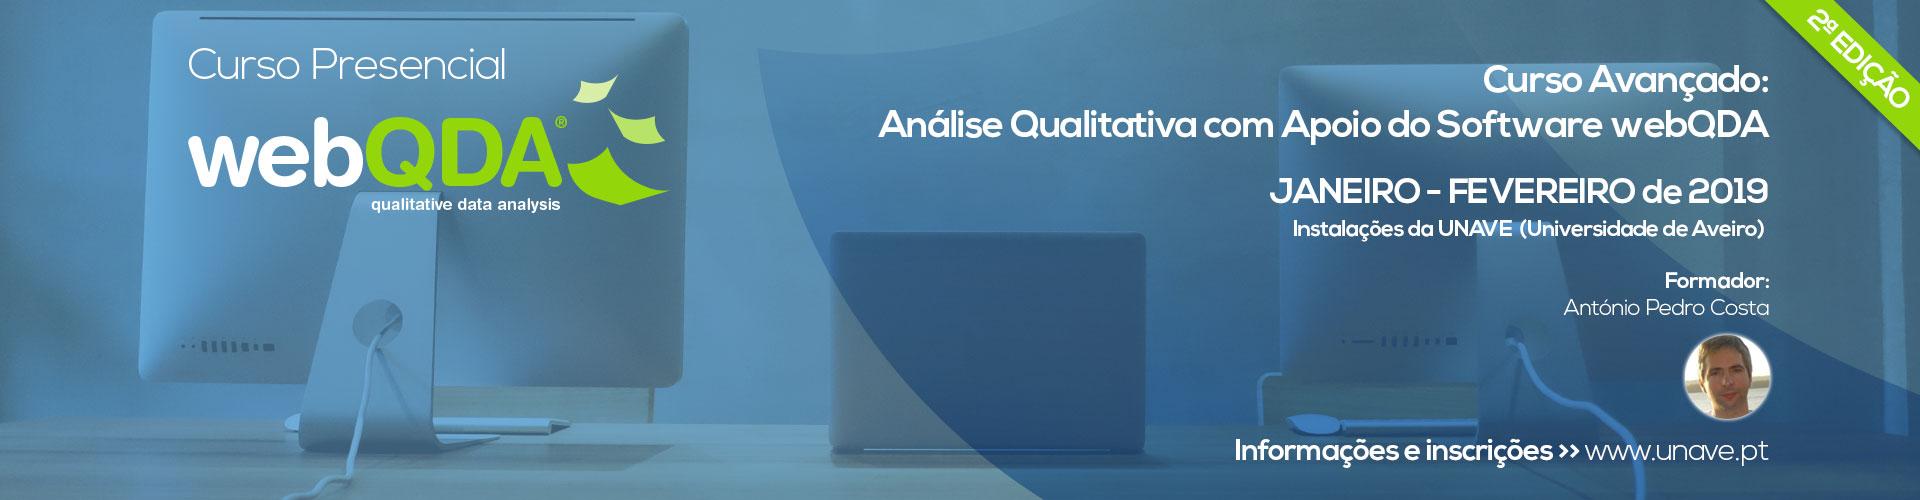 Curso Avancado webQDA